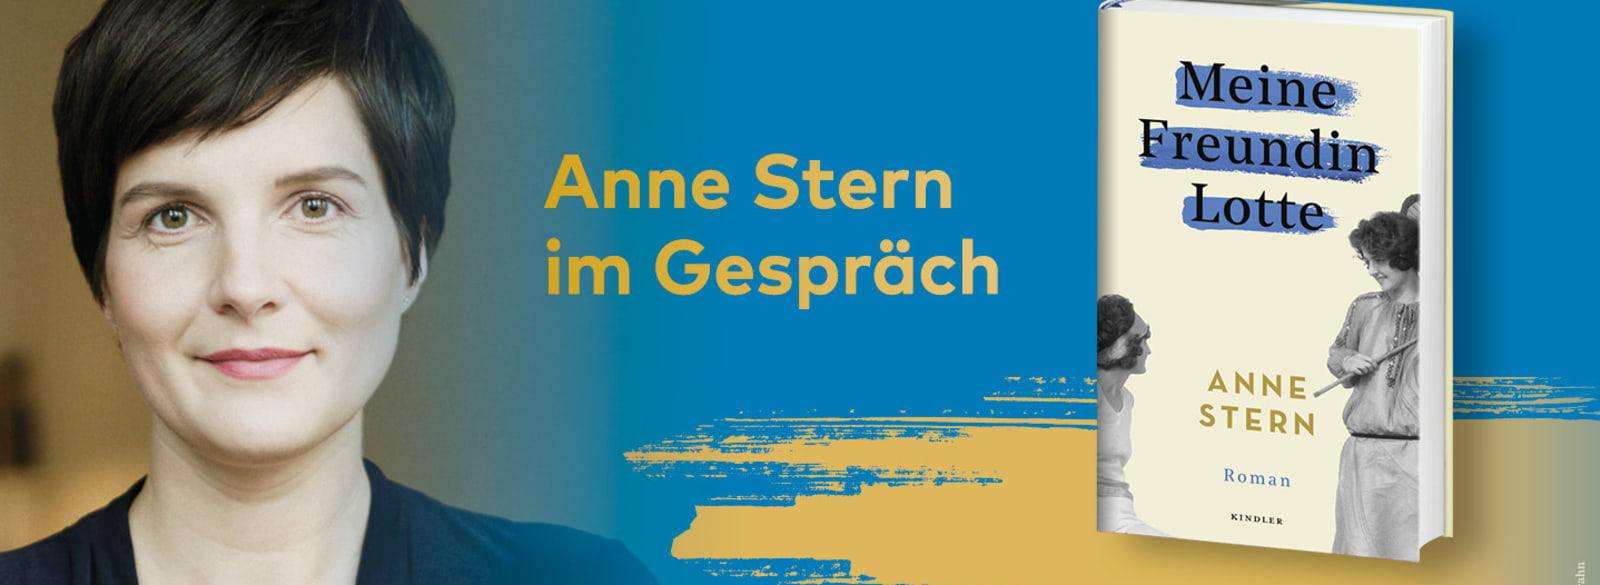 Grafik mit Anne Stern und ihrem Buch